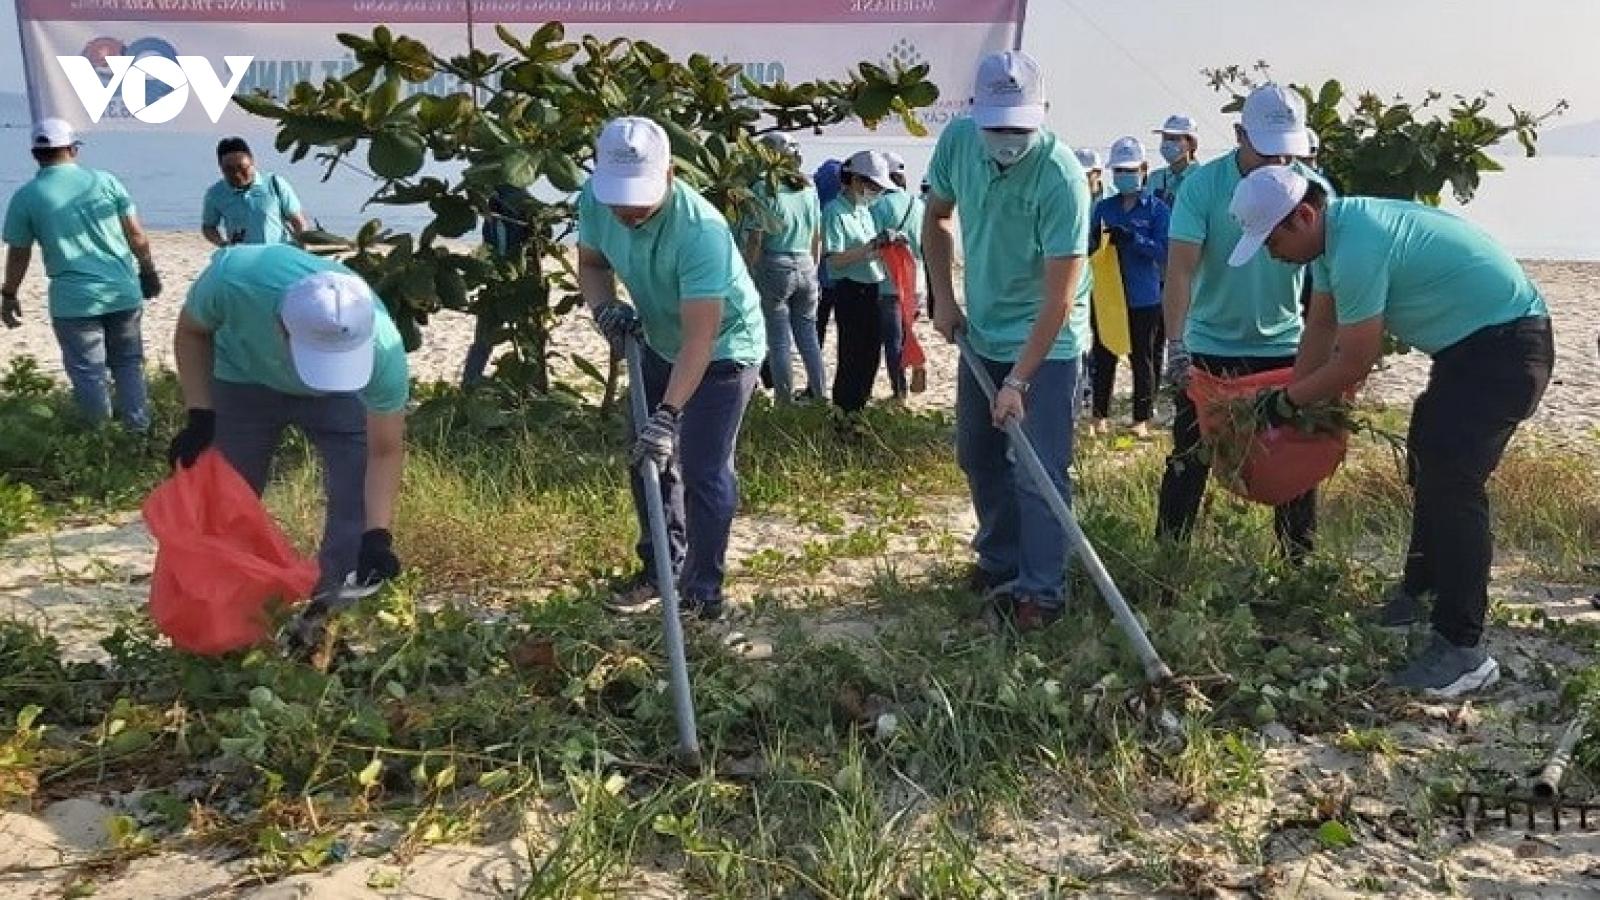 Hơn 100 đoàn viên thanh niên tham gia dọn vệ sinh môi trường biển ở Đà Nẵng